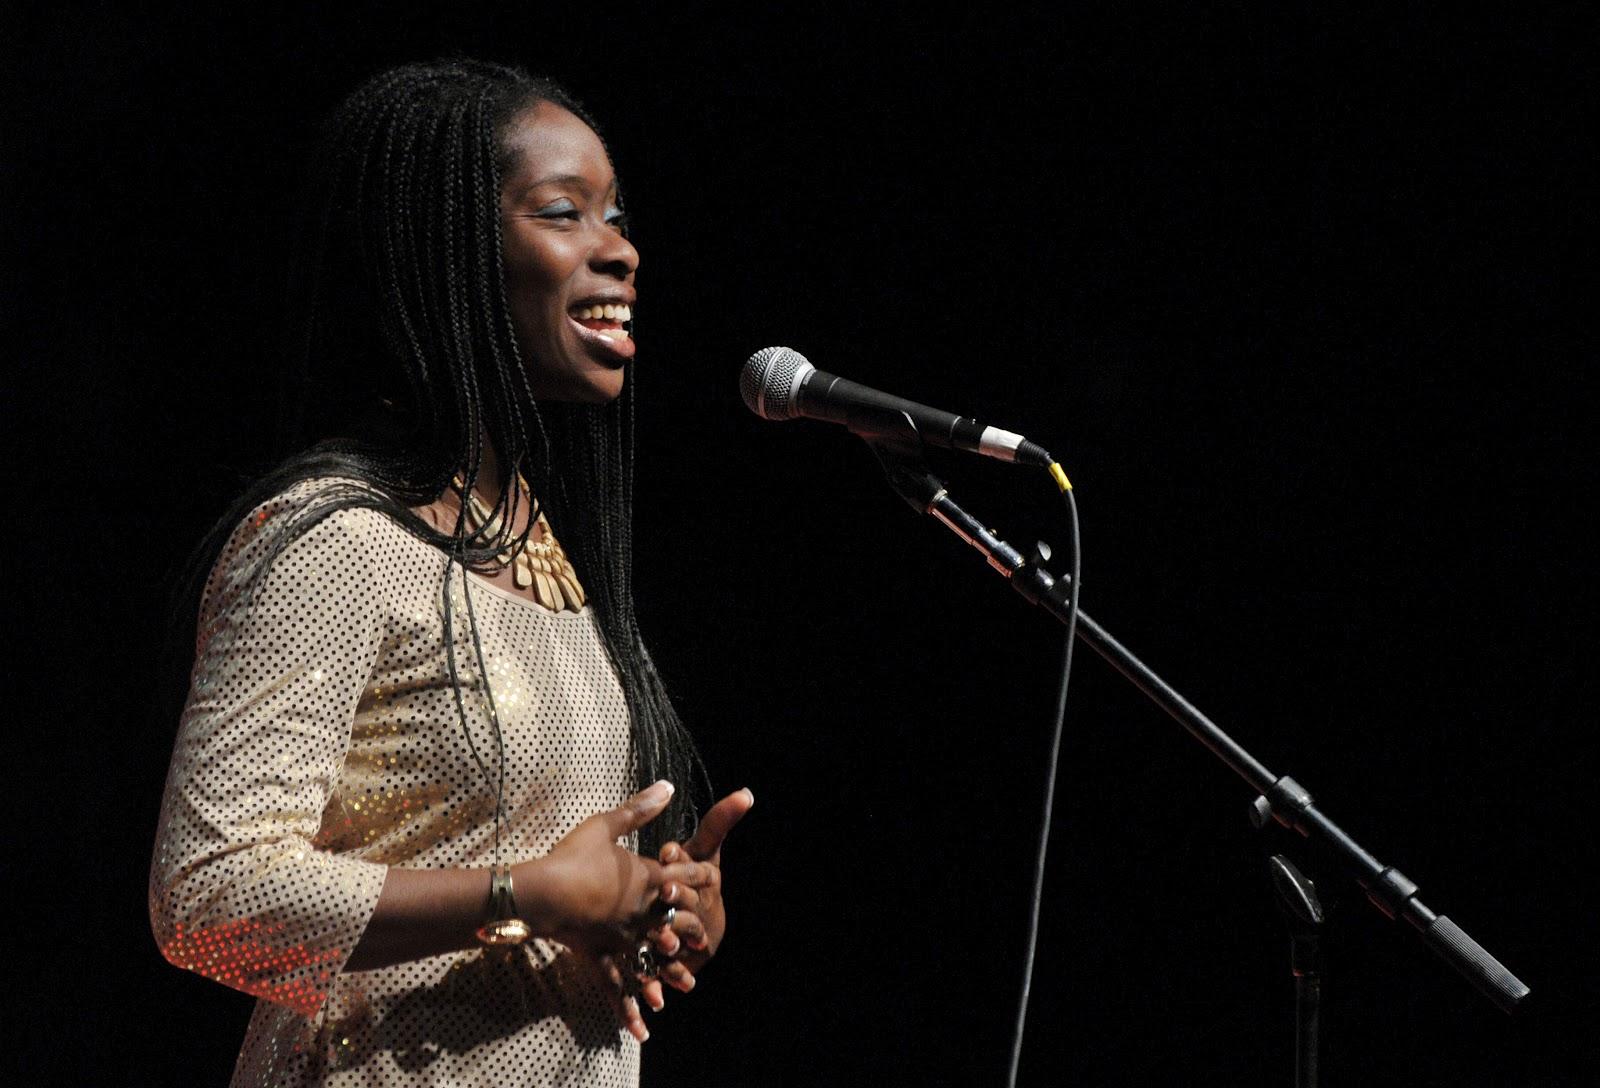 http://1.bp.blogspot.com/-pM8RcziiBz8/UG8Pi6wFOSI/AAAAAAAAFro/68WIMU1EoqI/s1600/Iyeoka_performs_at_the_TEDxMidAtlantic_Conference_2010.jpg